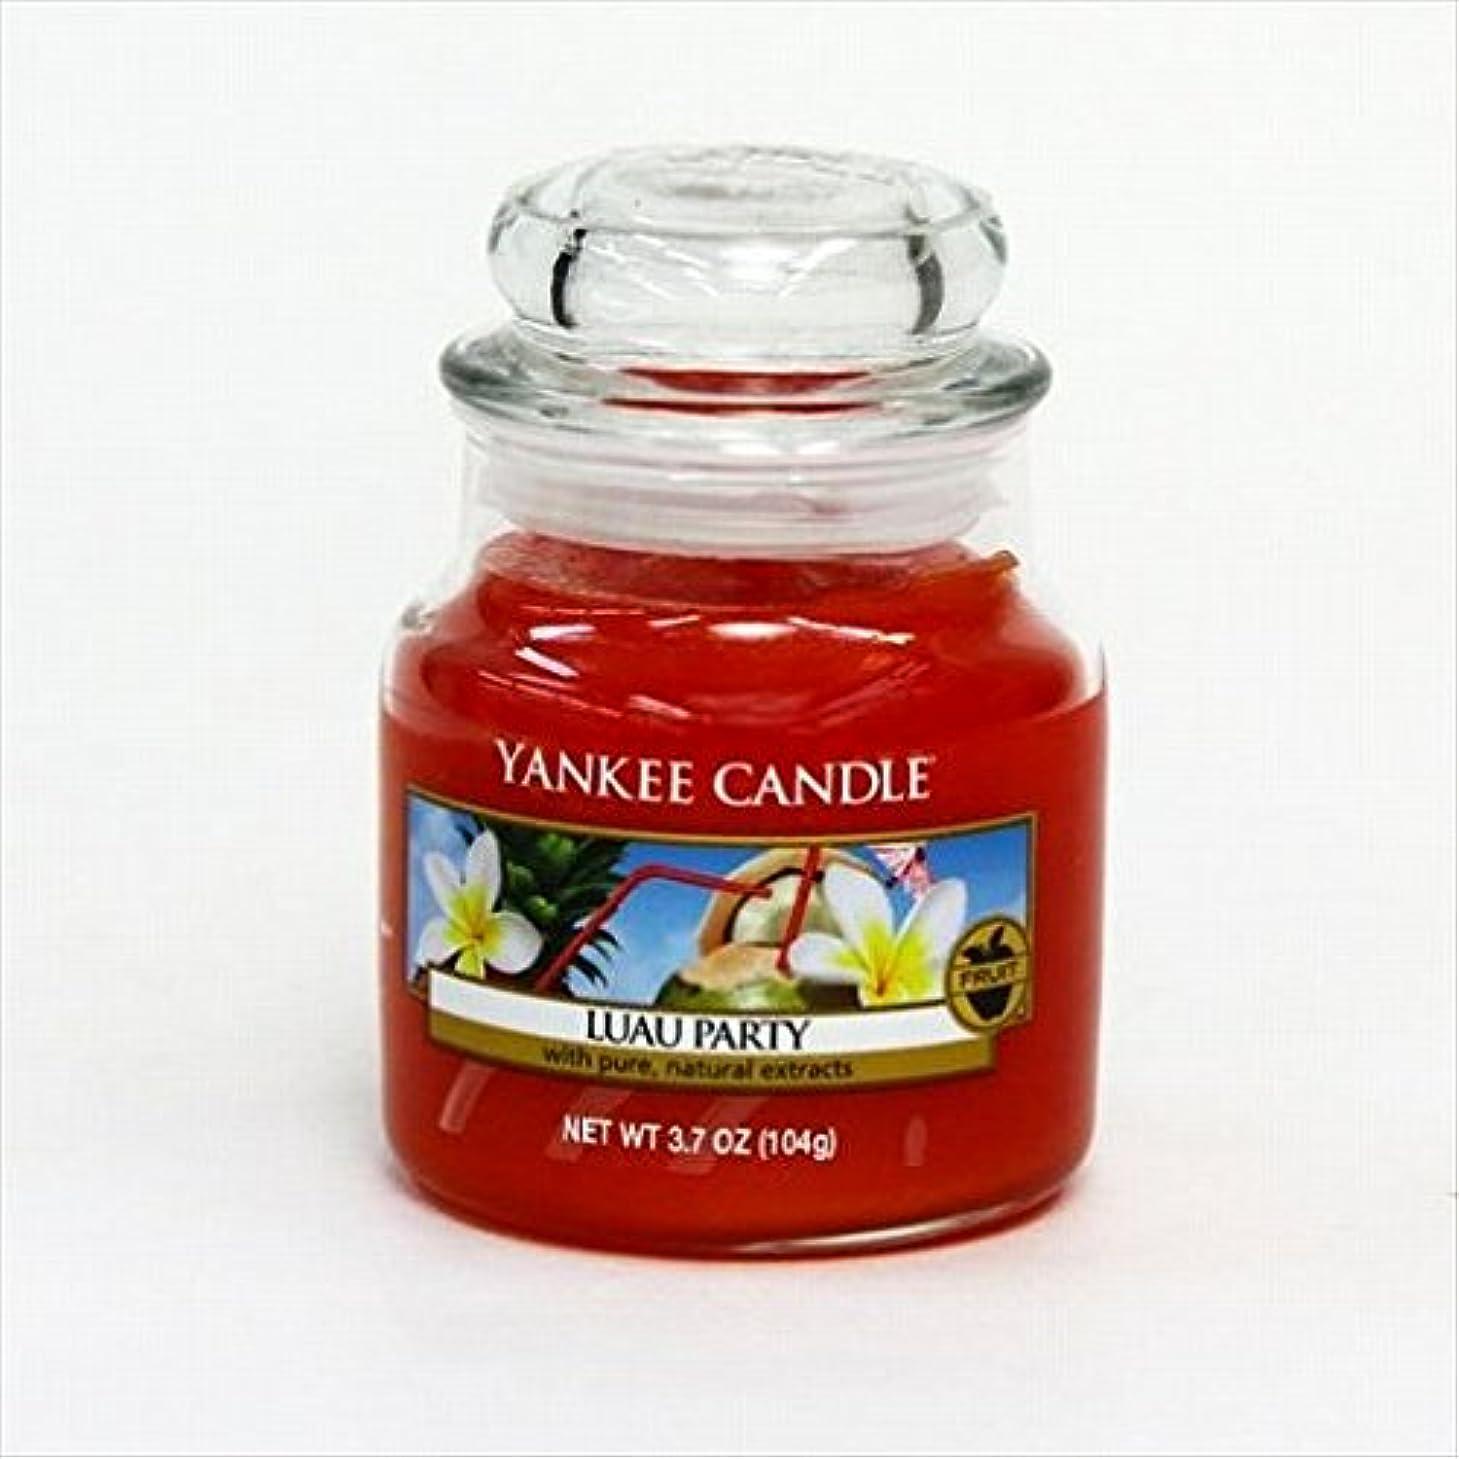 汚れたトリクル大きなスケールで見るとkameyama candle(カメヤマキャンドル) YANKEE CANDLE ジャーS 「 ルーアウパーティ 」 キャンドル 64x64x88mm (K00305223)